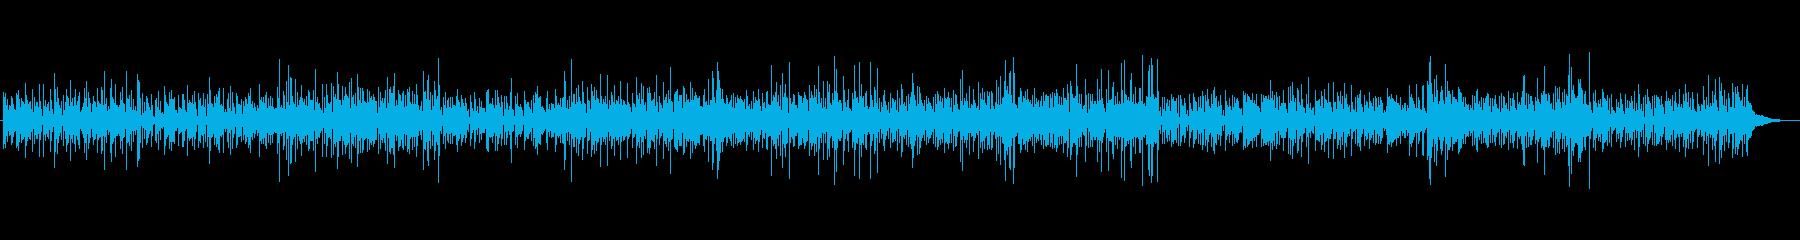 お洒落なカフェミュージックの再生済みの波形